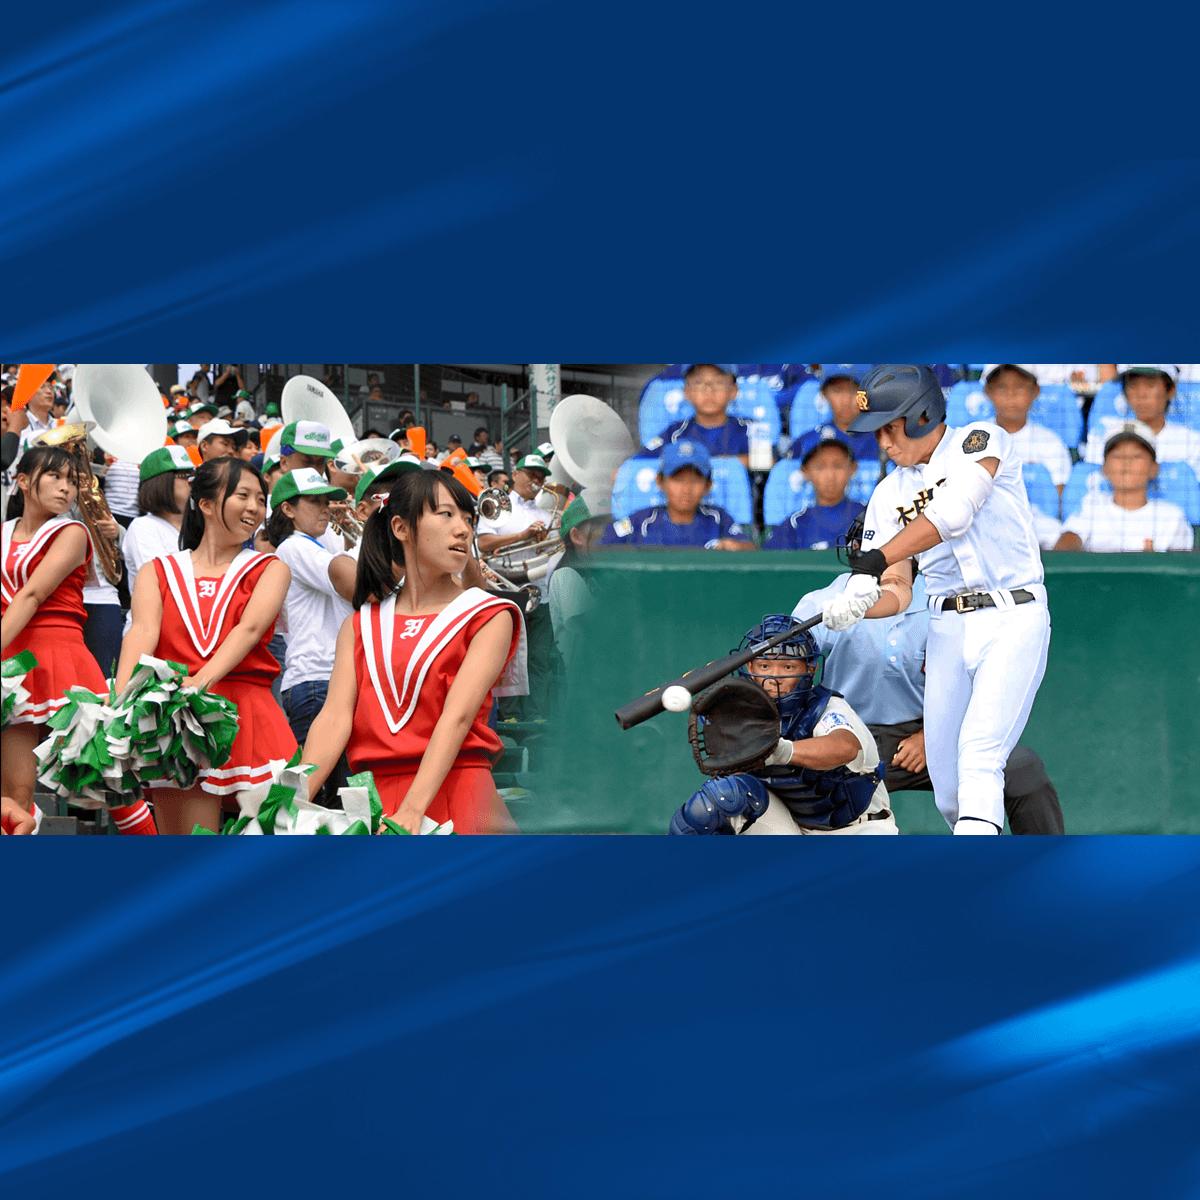 高校野球(甲子園)-第100回全国選手権:バーチャル高校野球 | スポーツブル (スポブル)